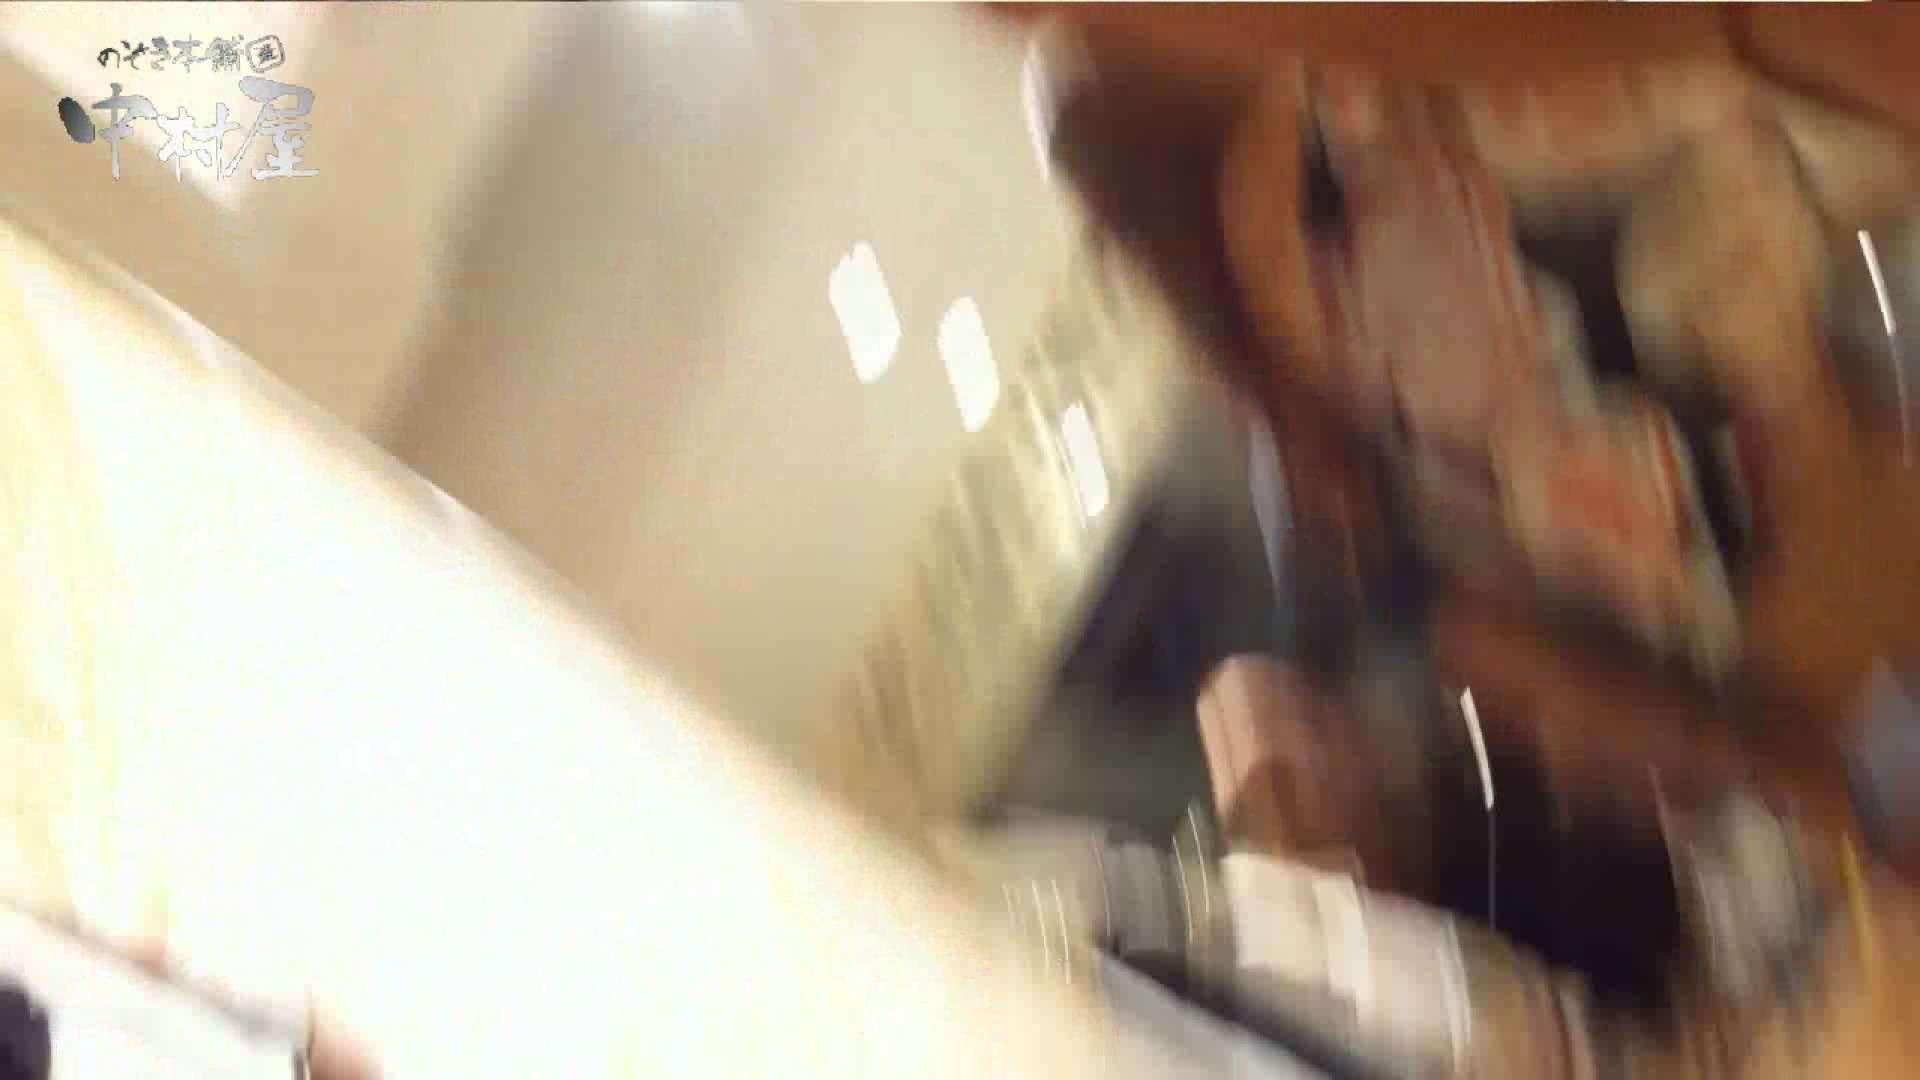 vol.46 可愛いカリスマ店員胸チラ&パンチラ モリマン! チラ 覗きスケベ動画紹介 76画像 72